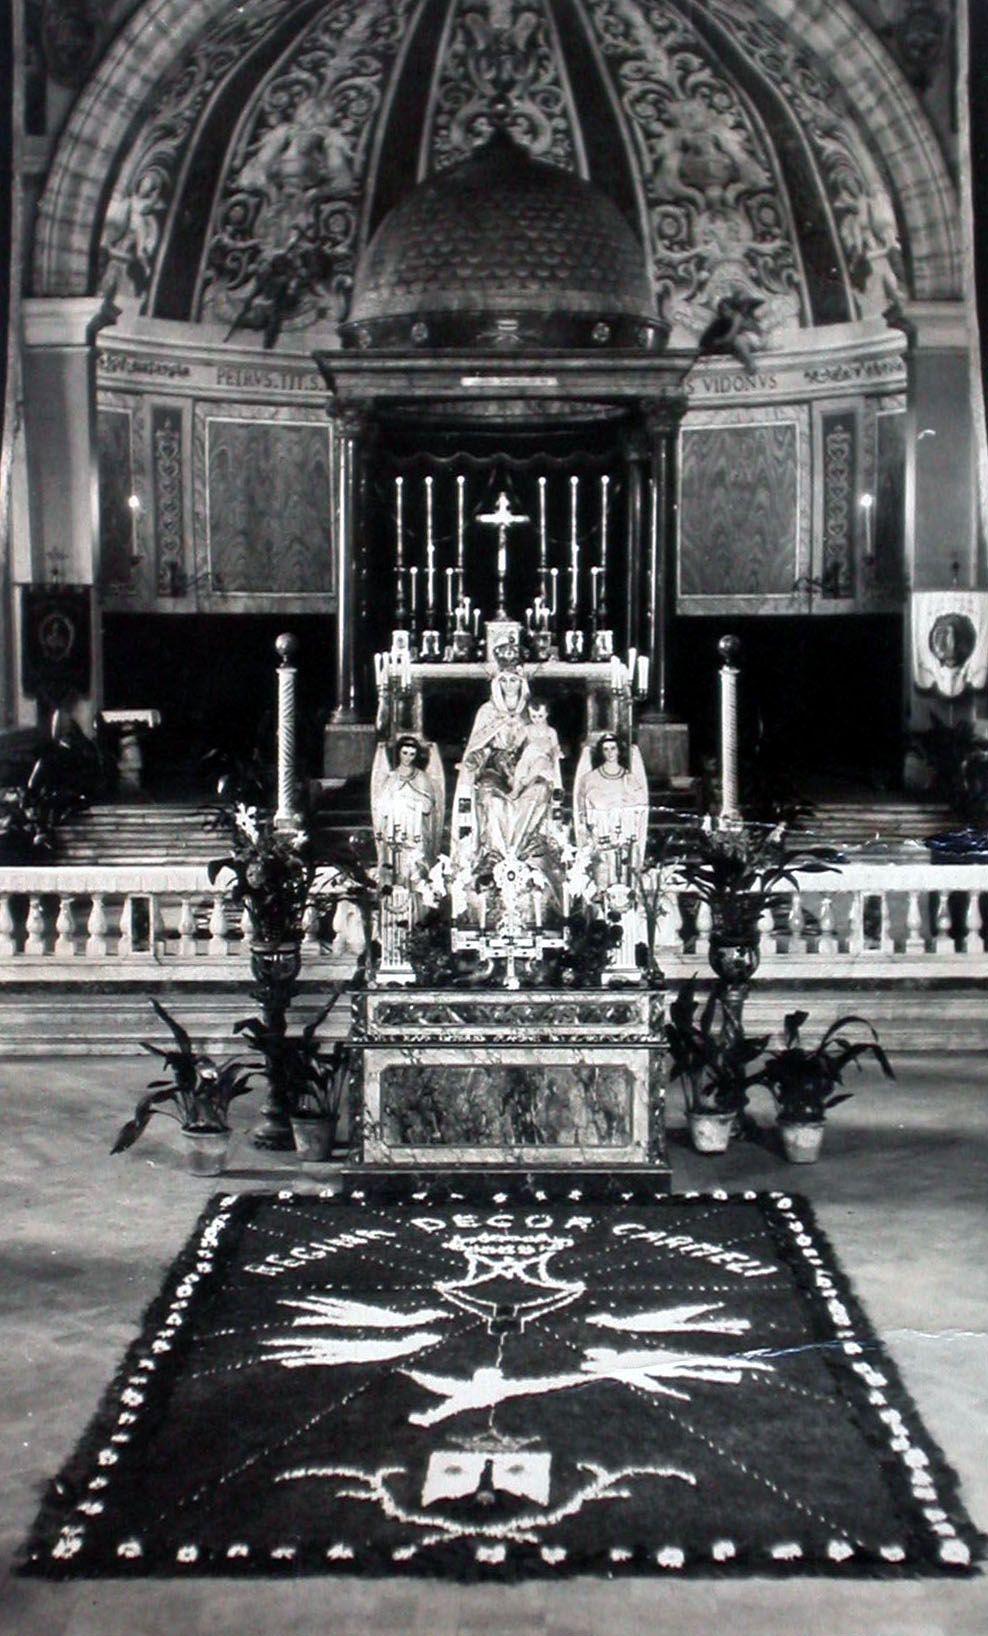 Foto storica dell'altare della Basilica di San Pancrazio a Roma